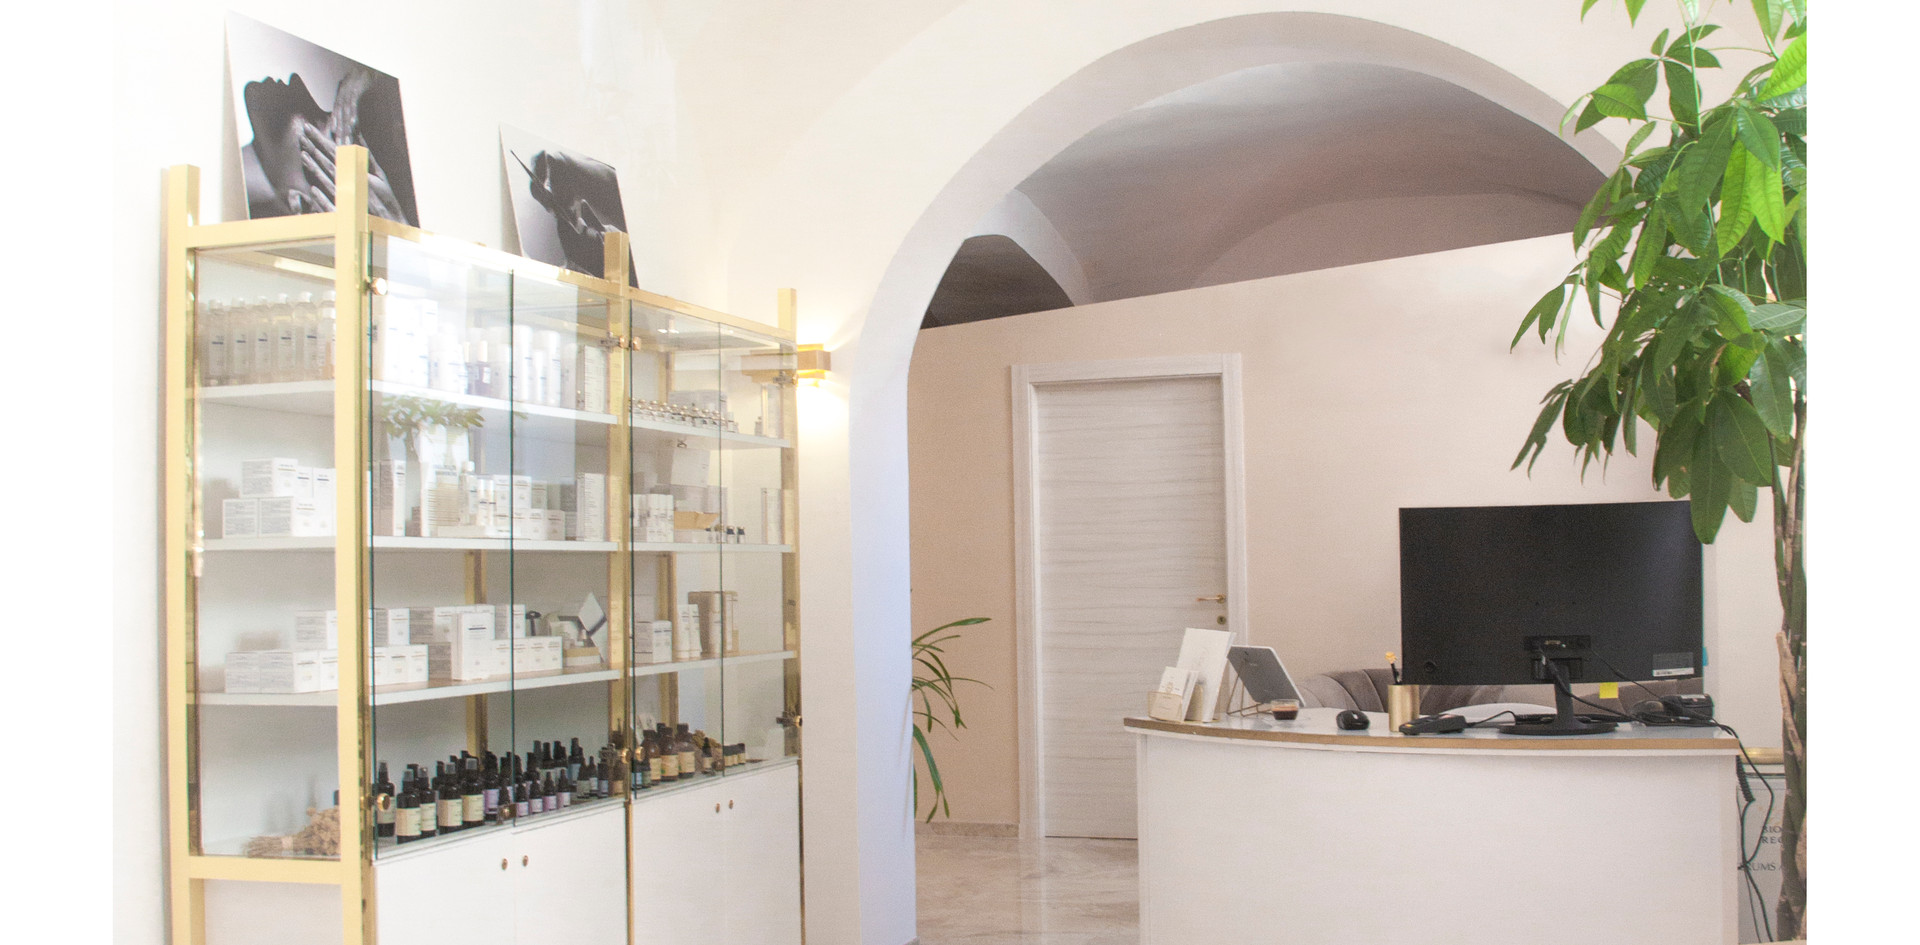 Salon de beauté de luxe